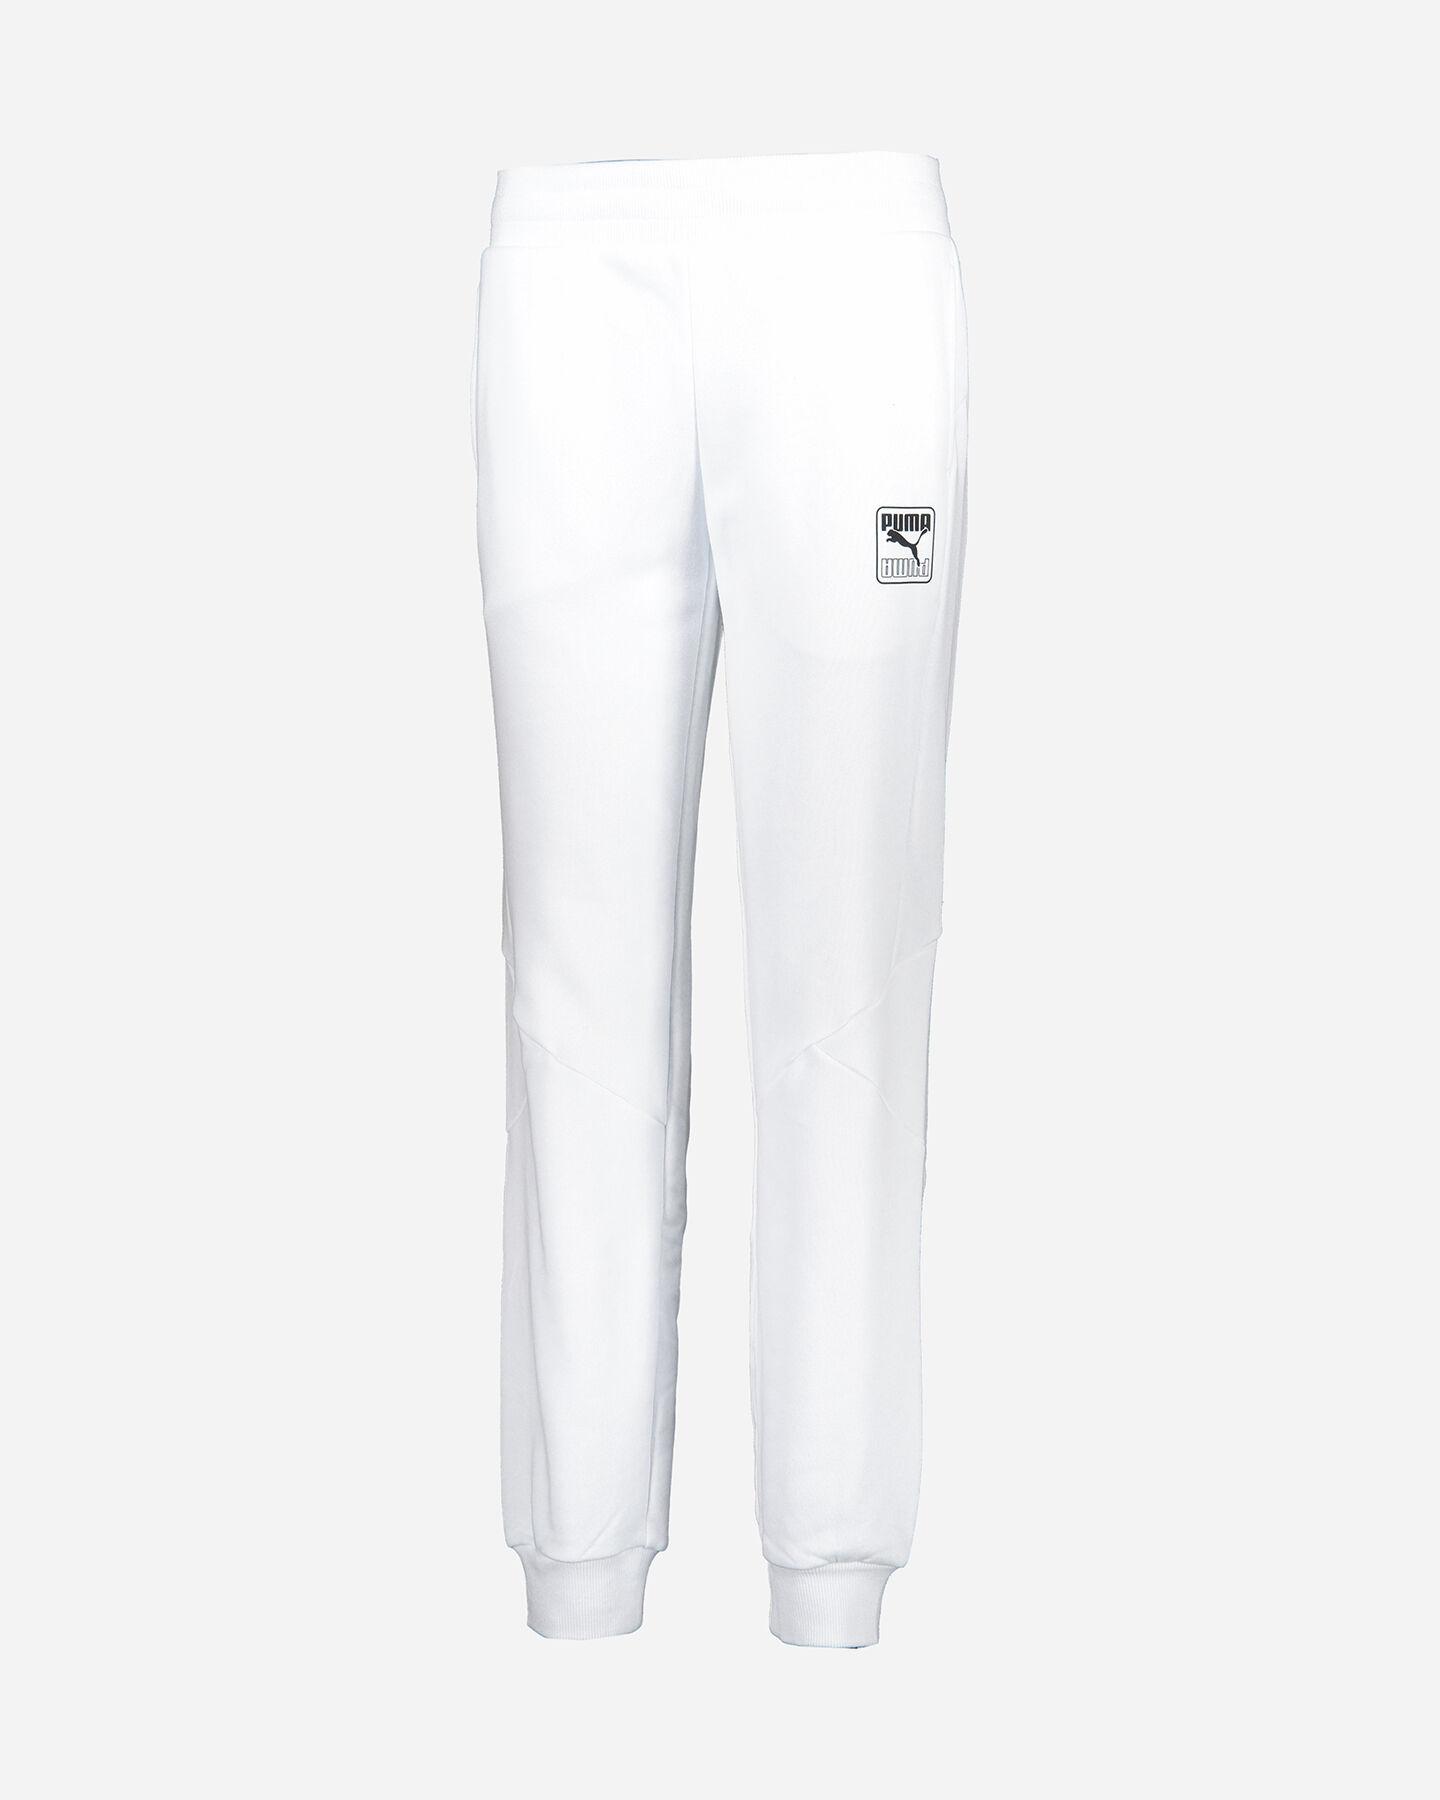 Pantalone PUMA FNG INSERT W S5235275 scatto 0